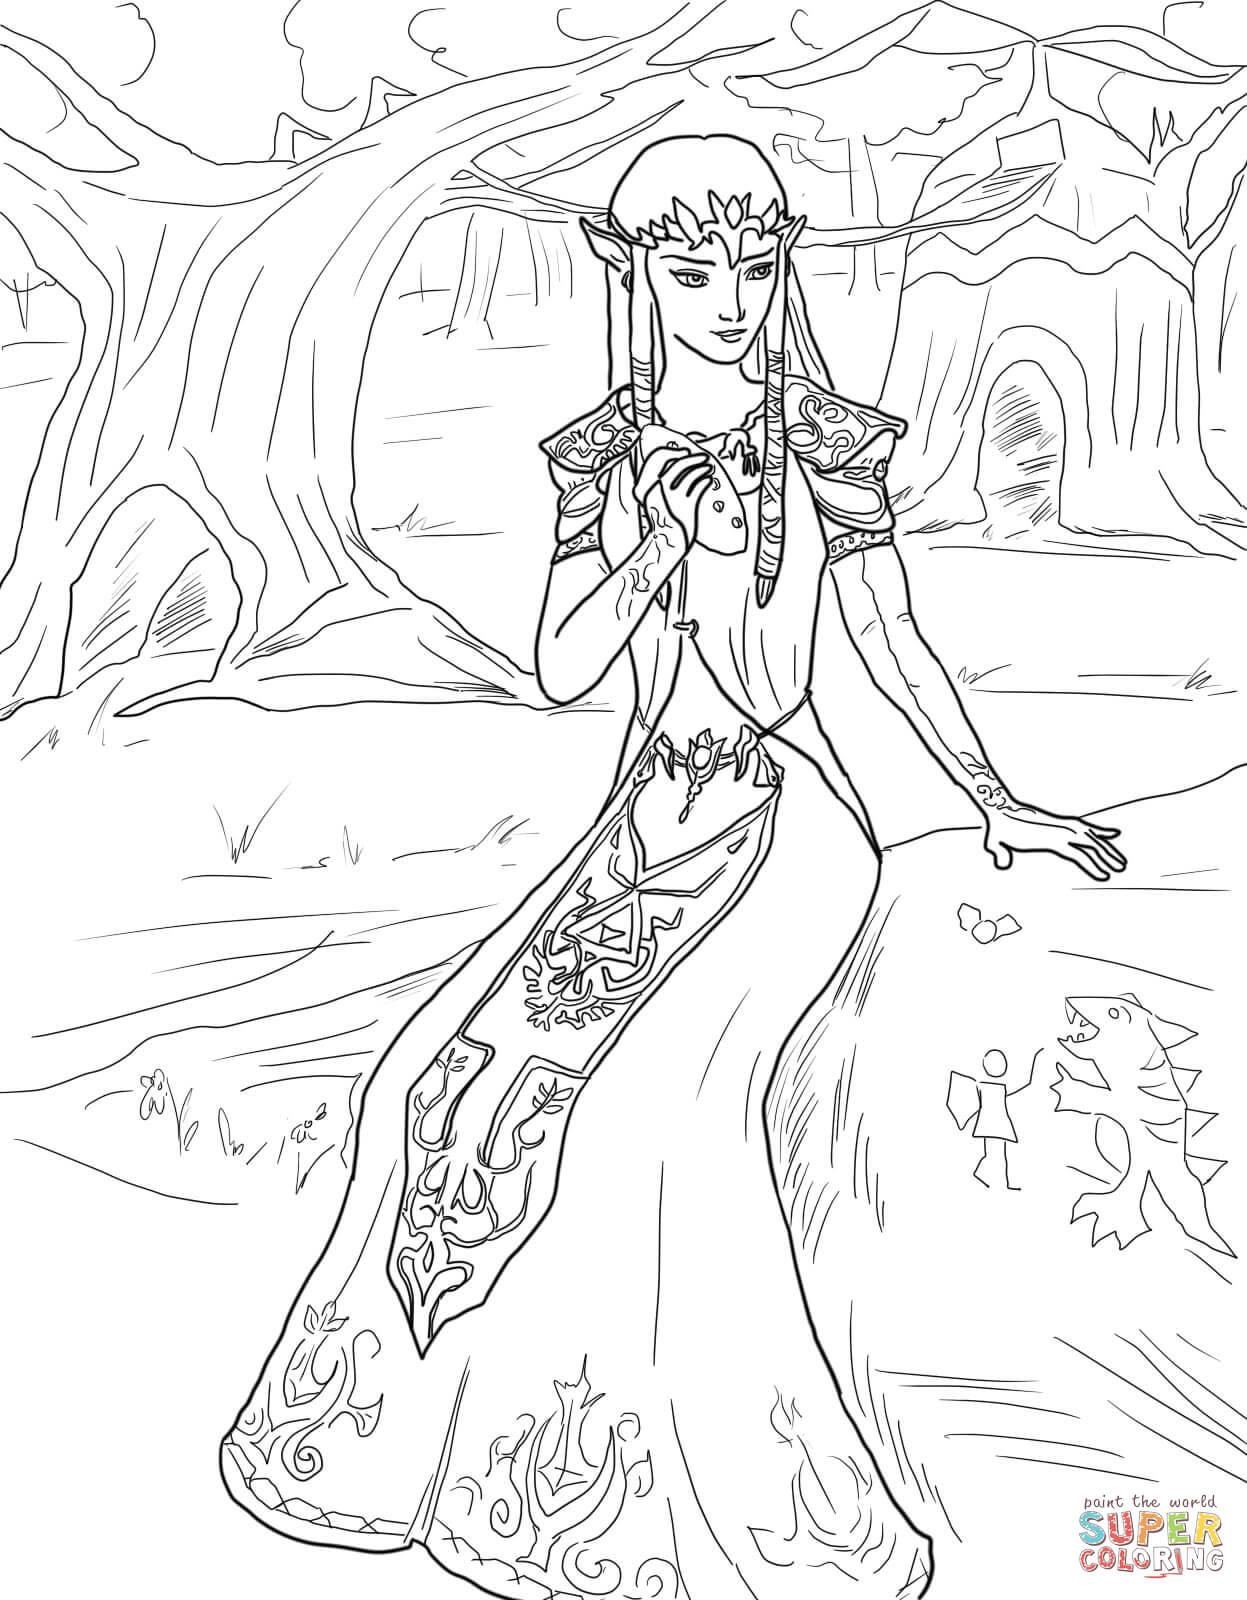 Princess Zelda coloring page.